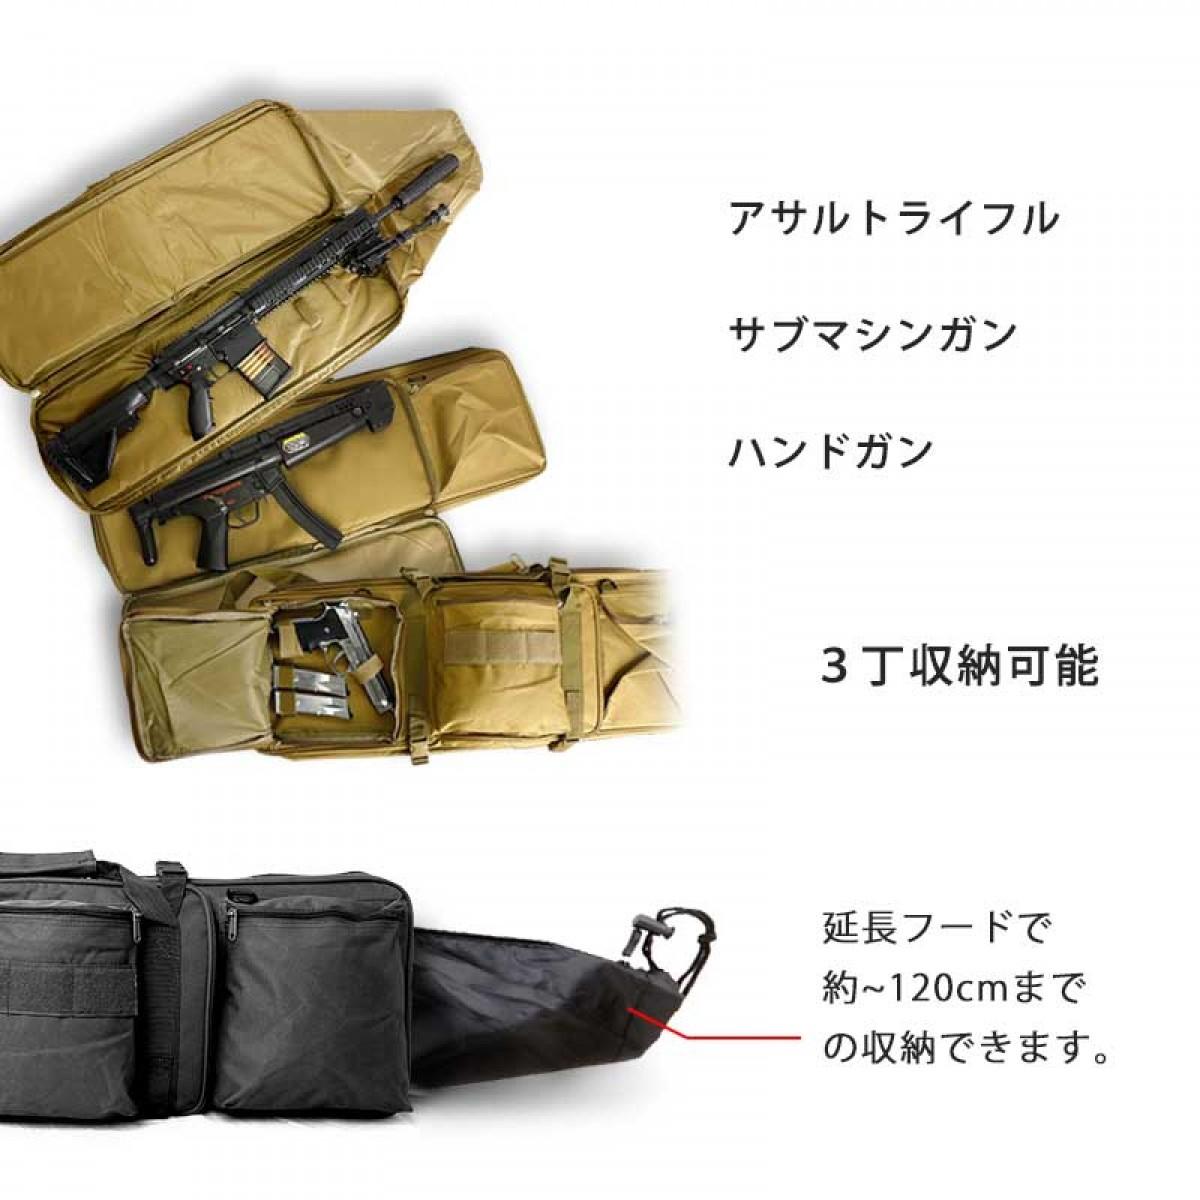 SHENKEL 85cm~120cm ダブル ガンケース ライフルケース (BK ブラック TAN タン MC マルチカム) 3丁収納 マルチガンケース  M4 P90 ハンドガン コンテナライフルケース